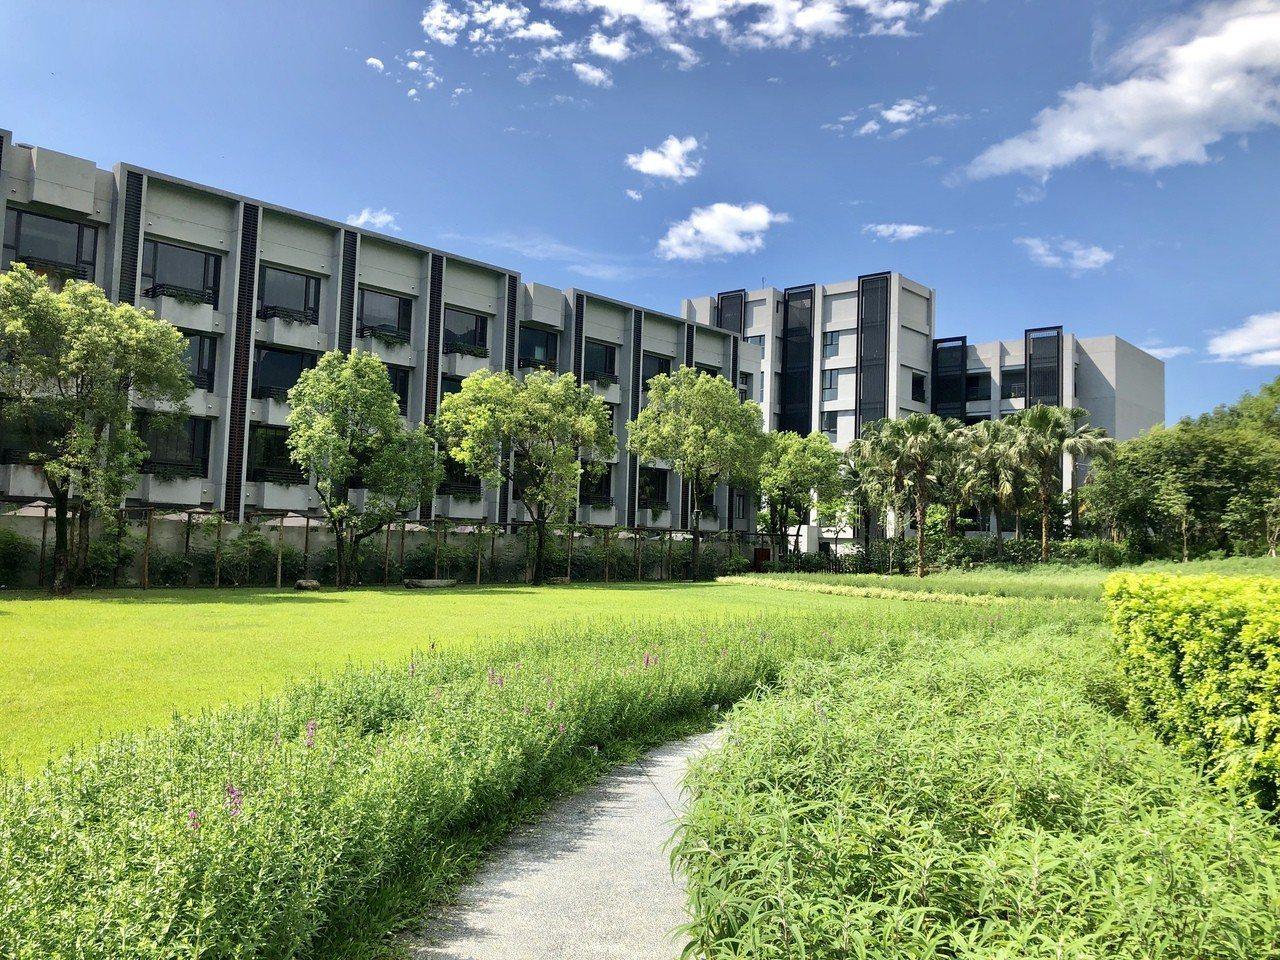 花蓮秧悅千禧是千禧國際酒店集團在台灣的第二家連鎖酒店,更是台灣首家以香草養生Re...